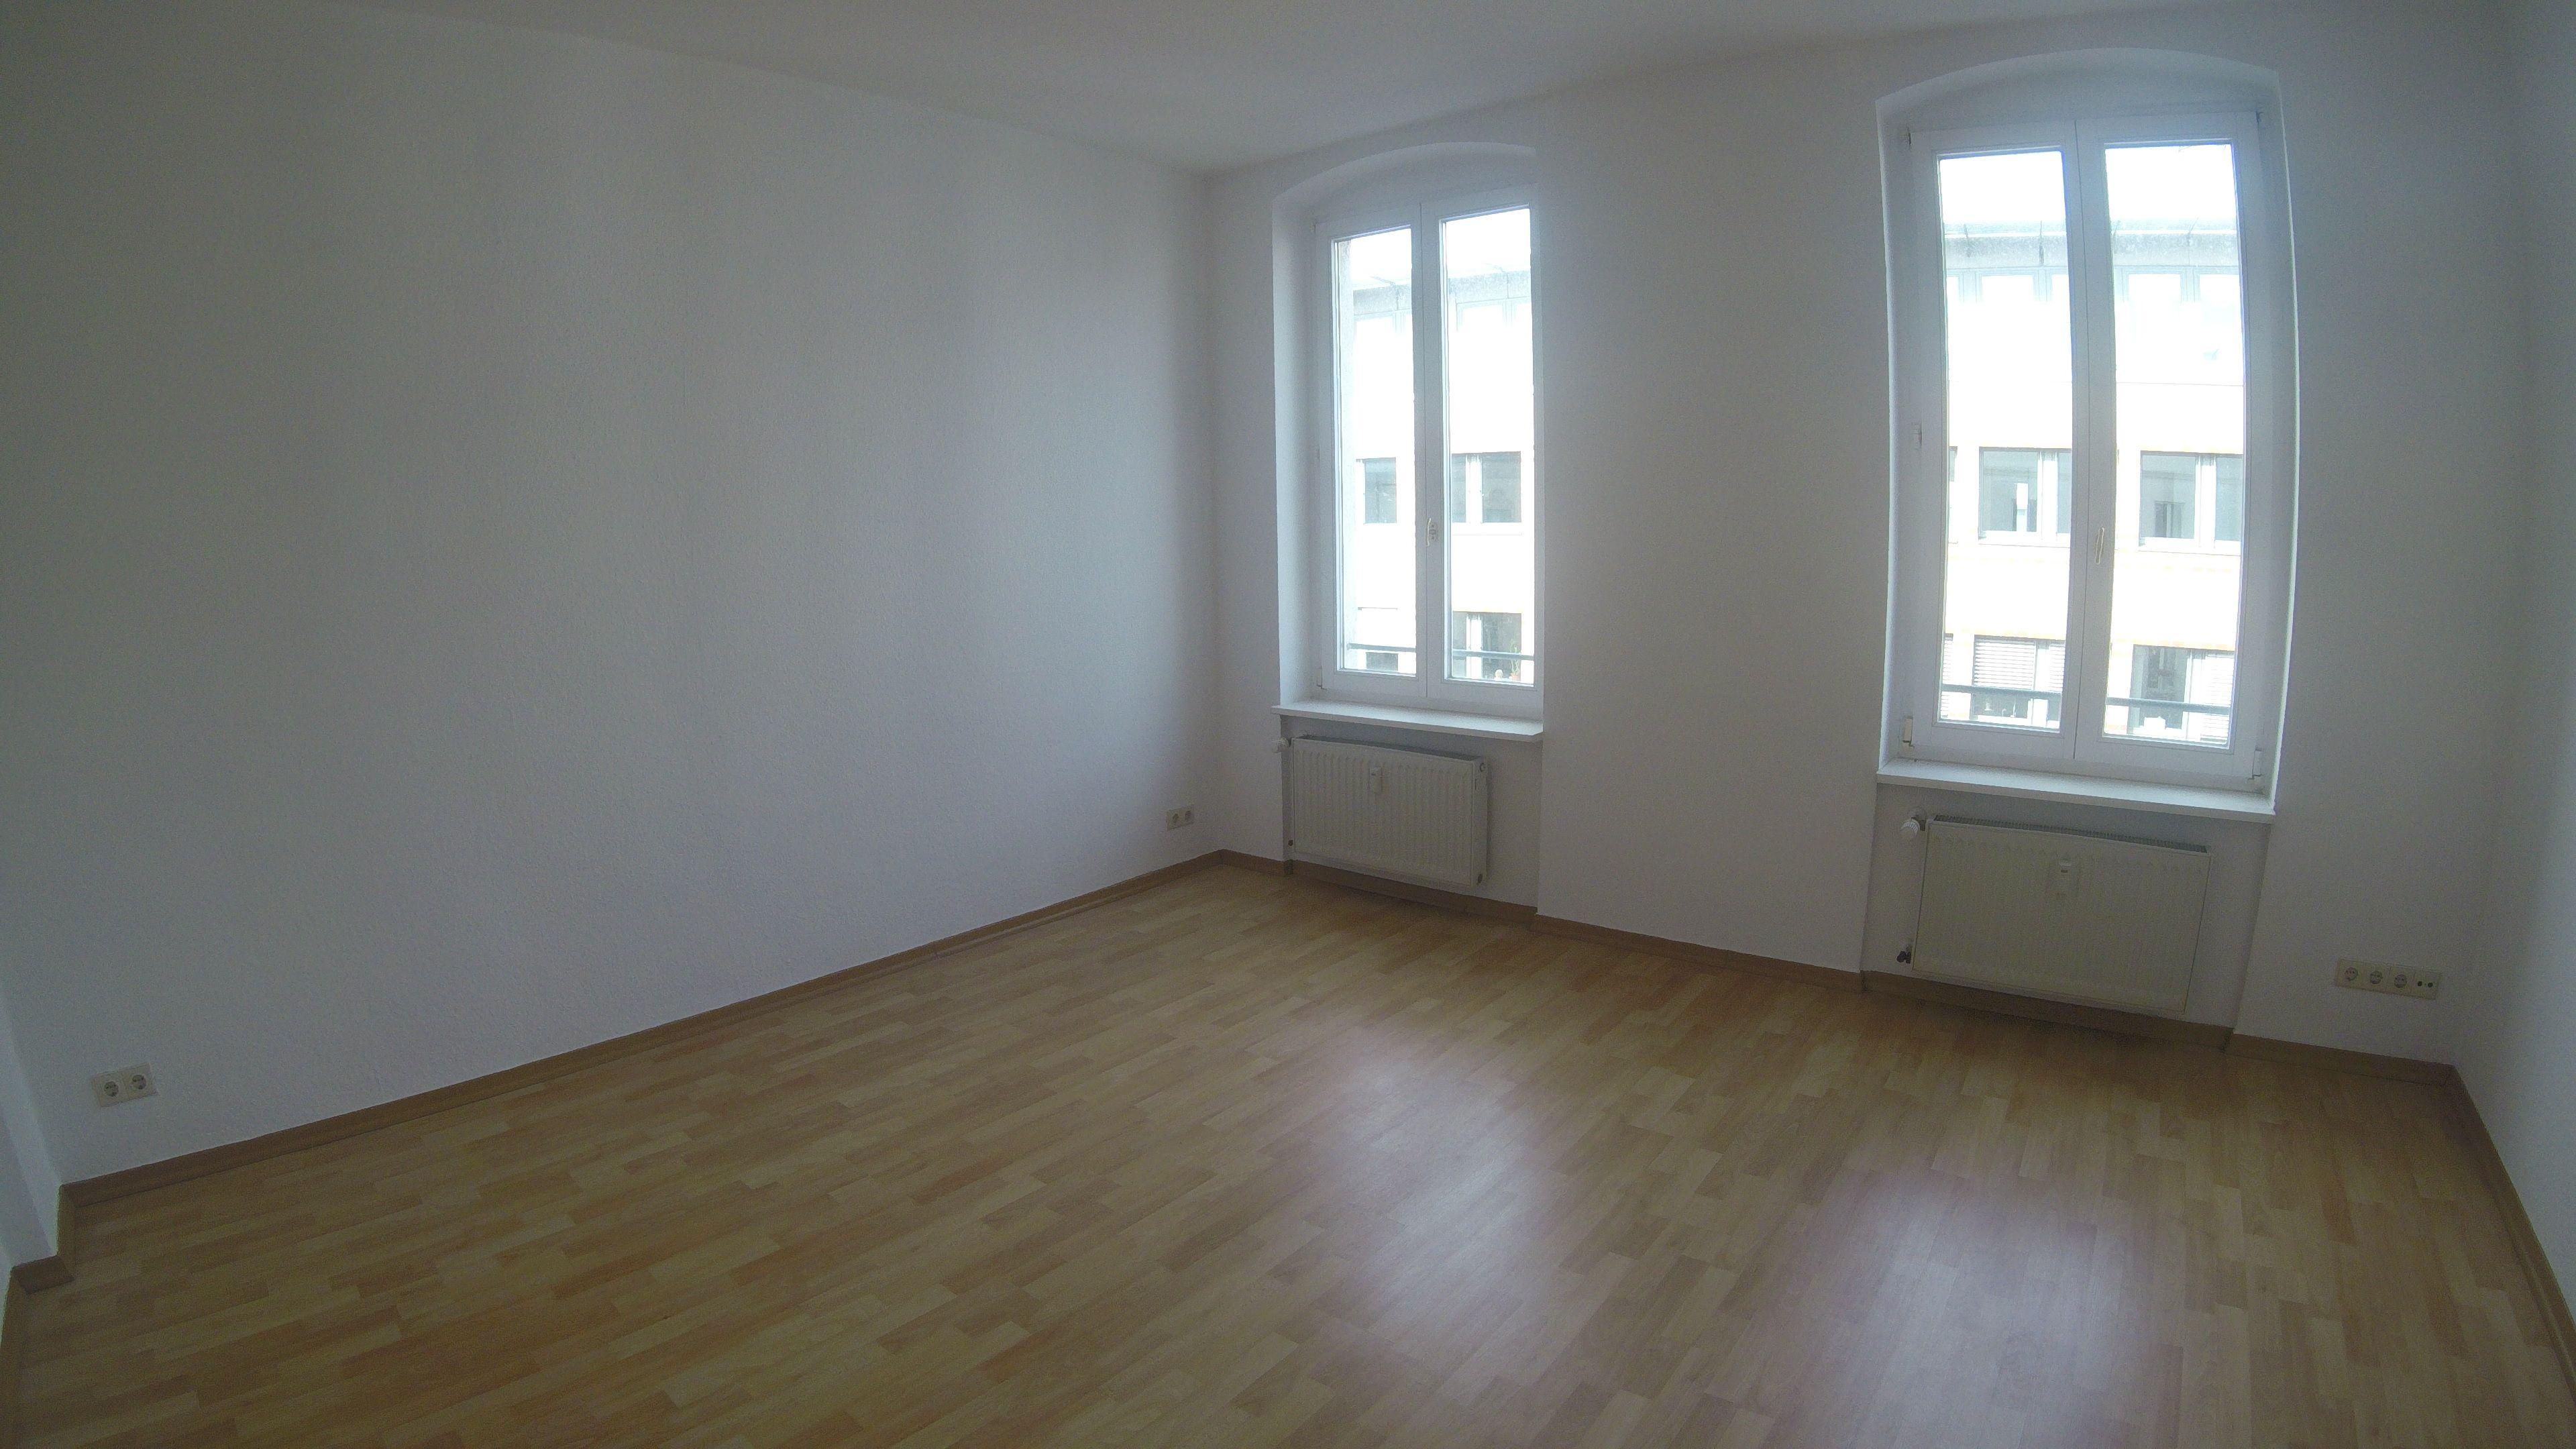 5 Raum Wohnung Leipzig